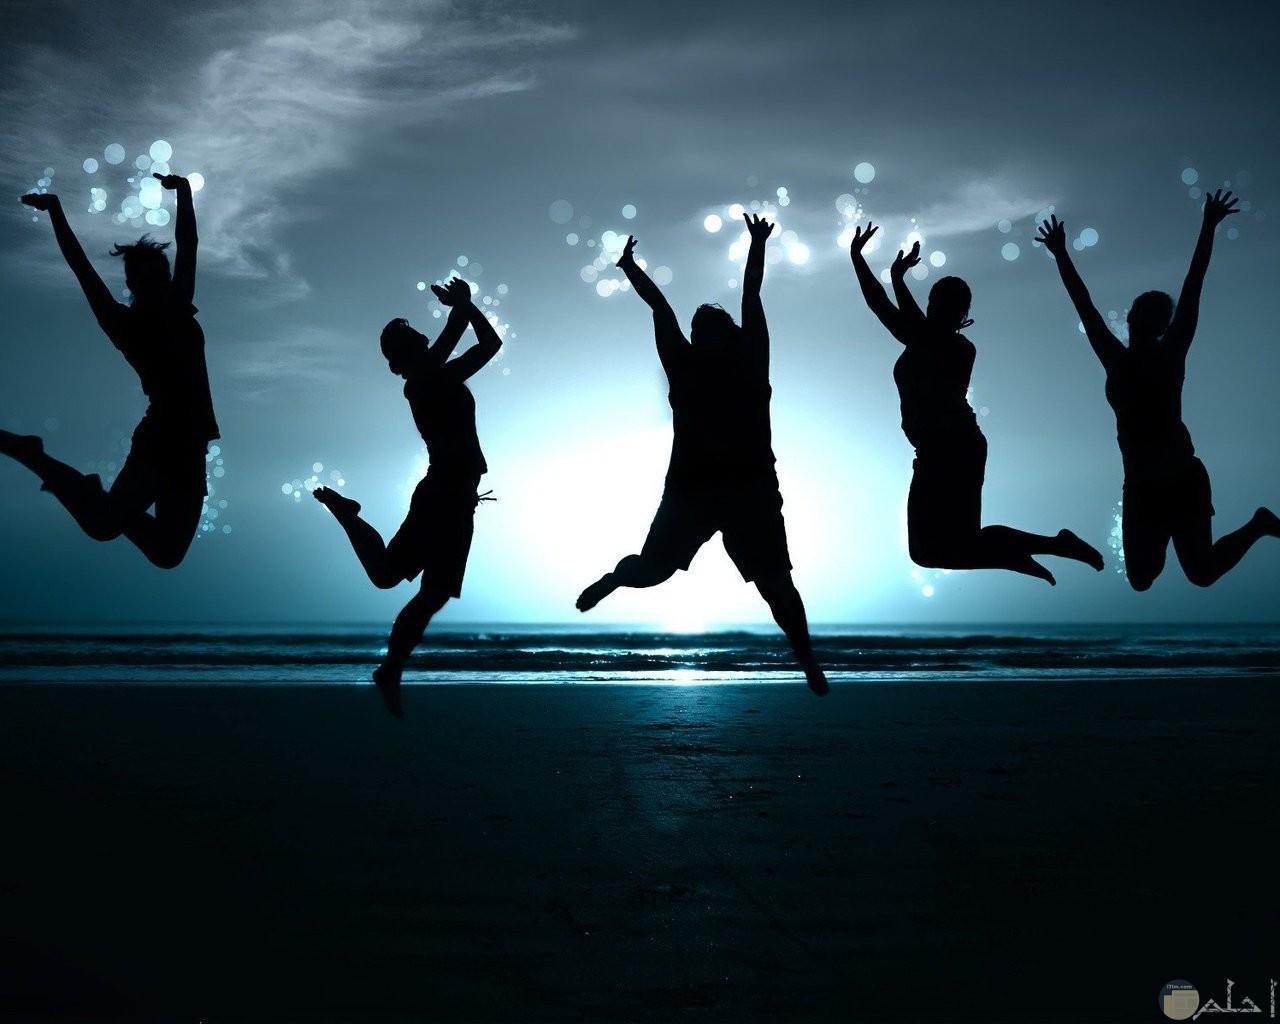 السعادة بسبب الحرية.